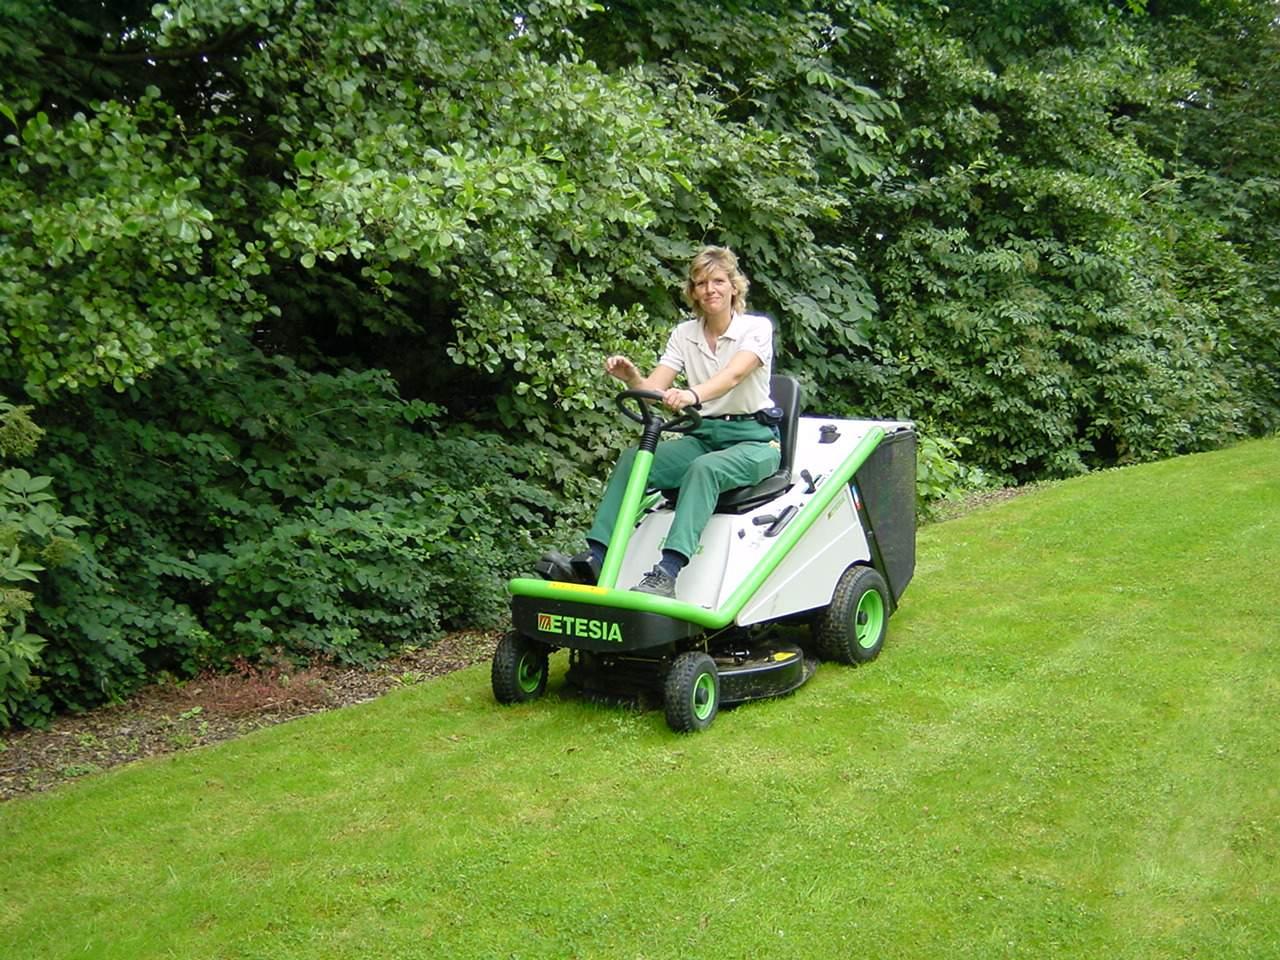 Gartenpflege Eigentümergemeinschaft 7